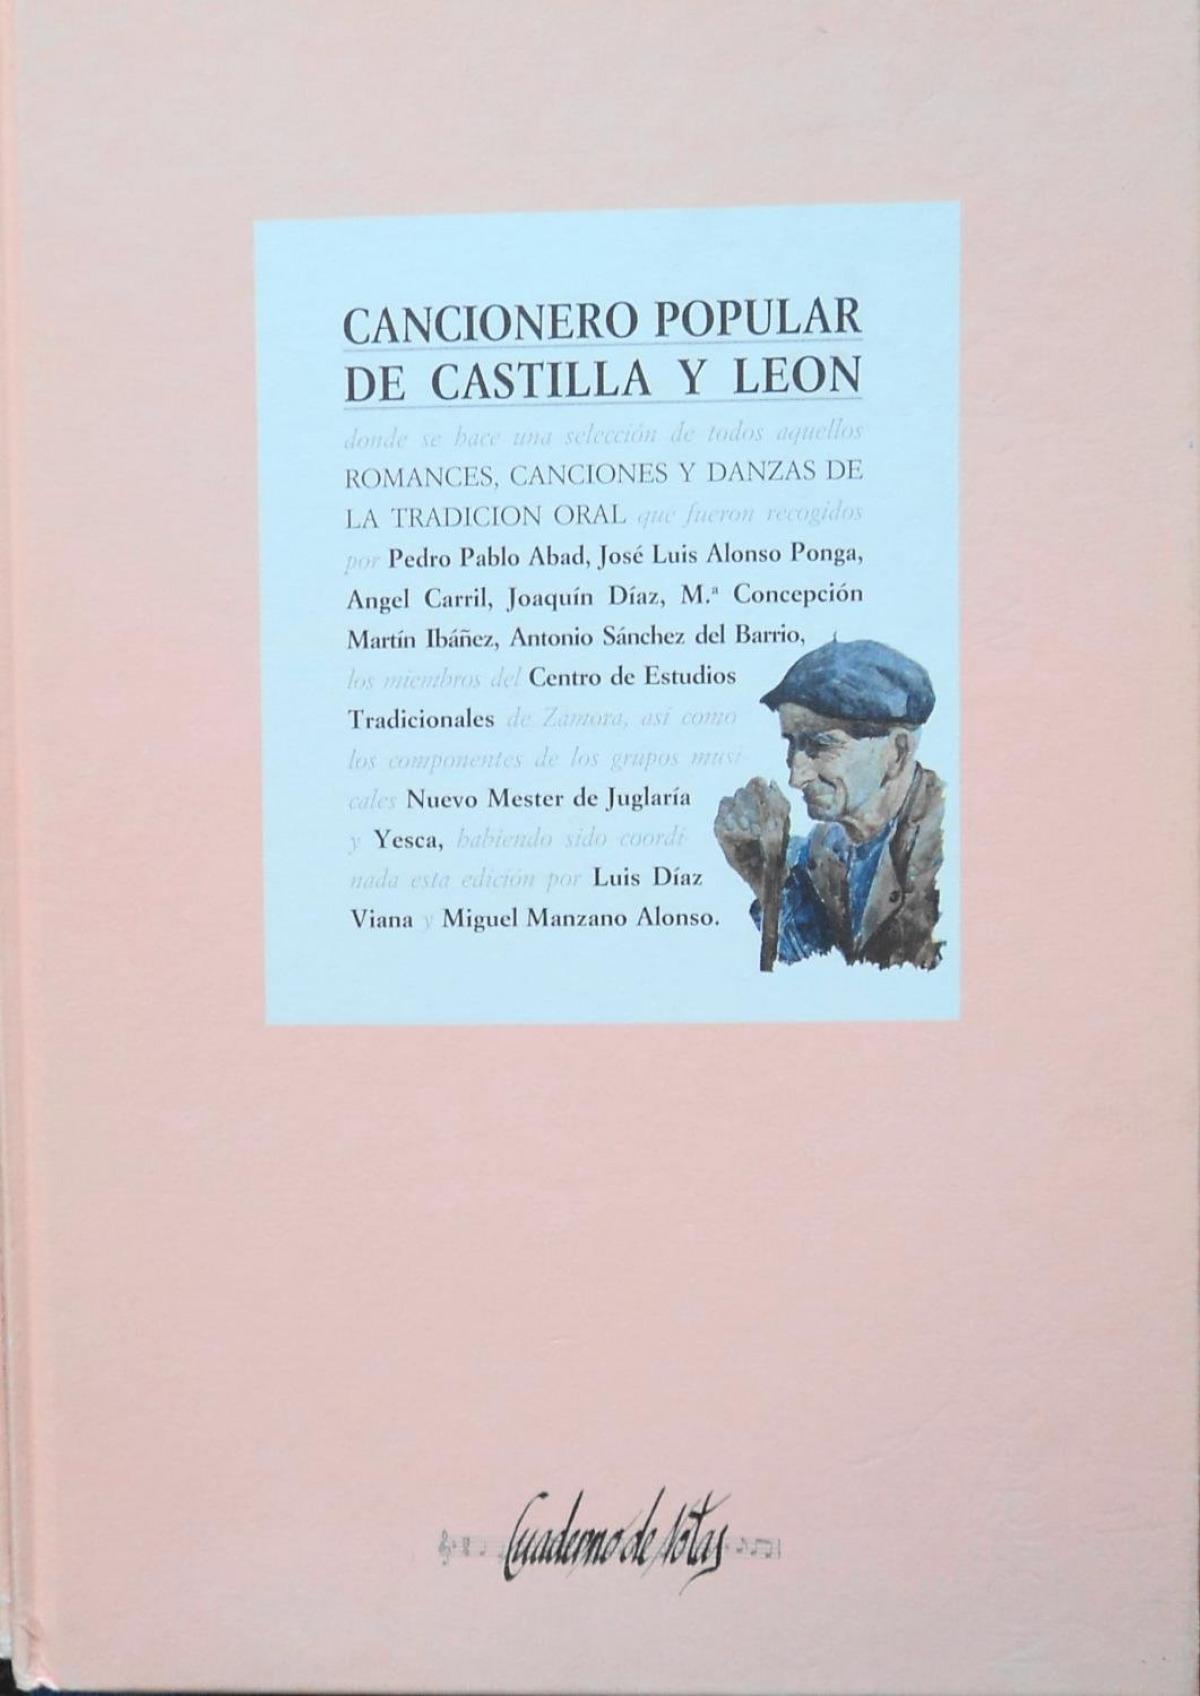 Cancionero popular de Castilla y León